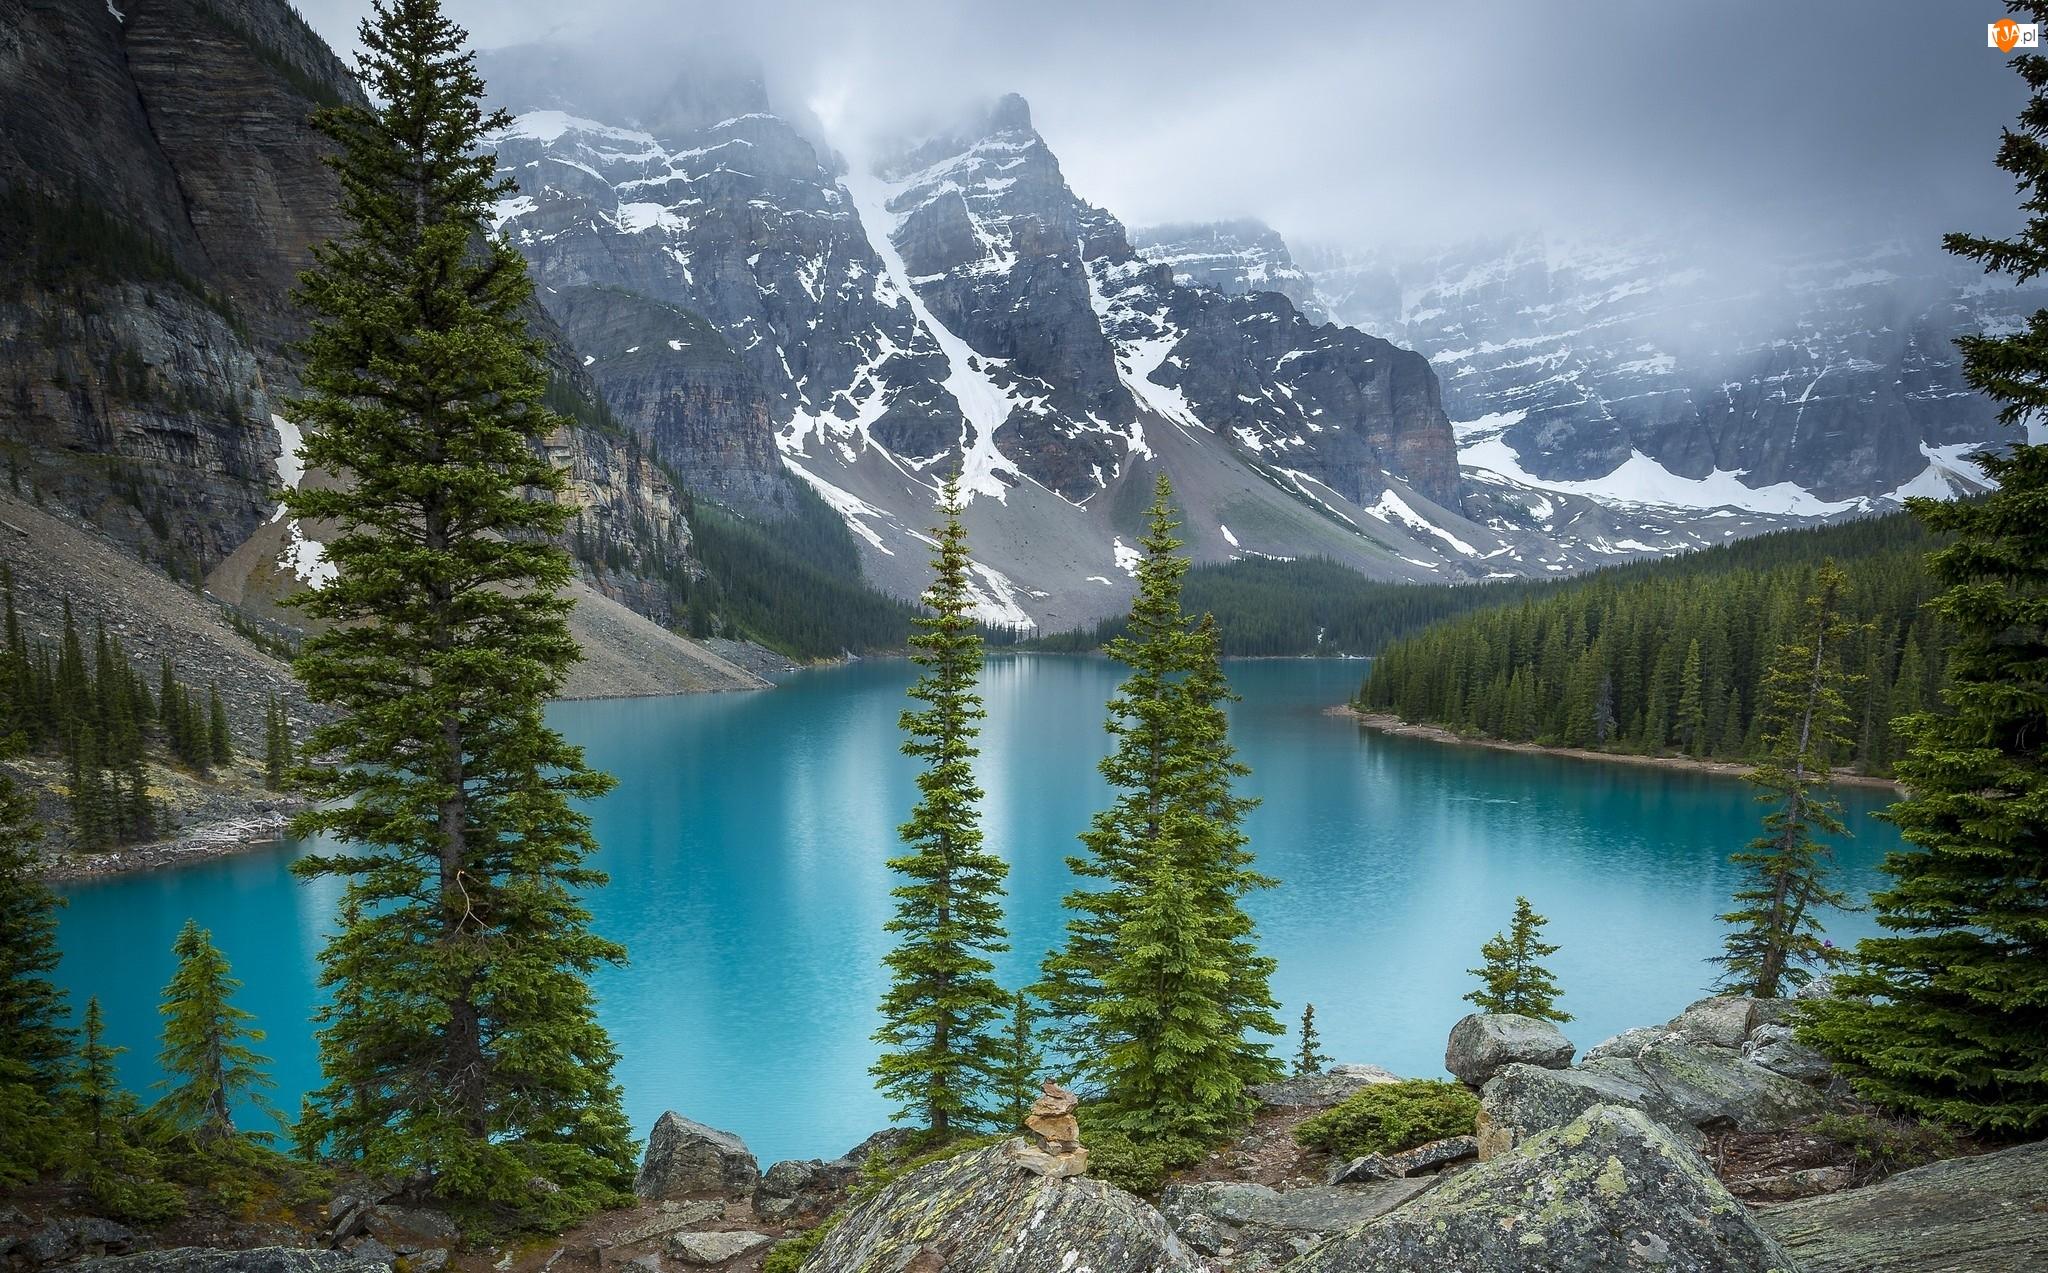 Chmury, Jezioro Moraine, Prowincja Alberta, Kanada, Świerki, Park Narodowy Banff, Drzewa